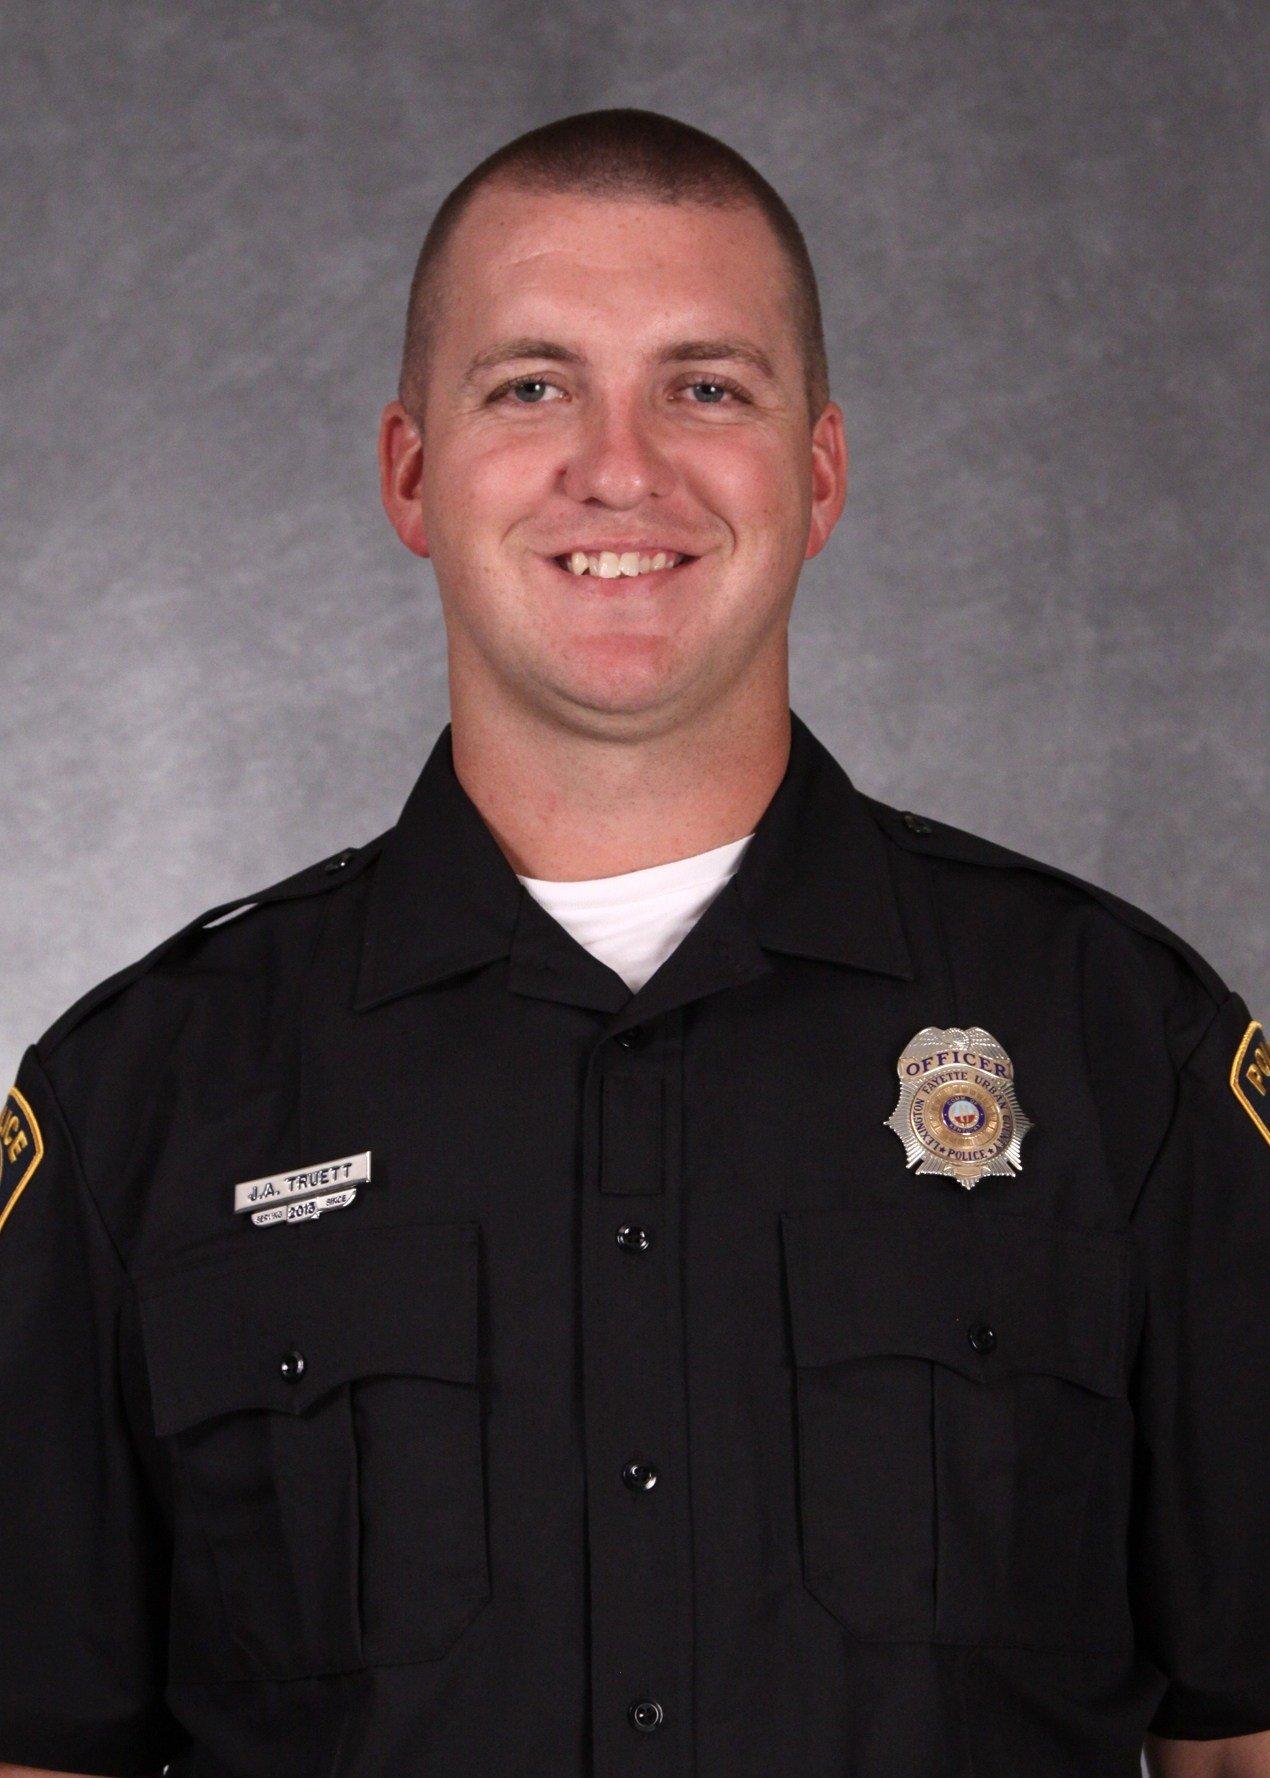 Officer Jordan Truett